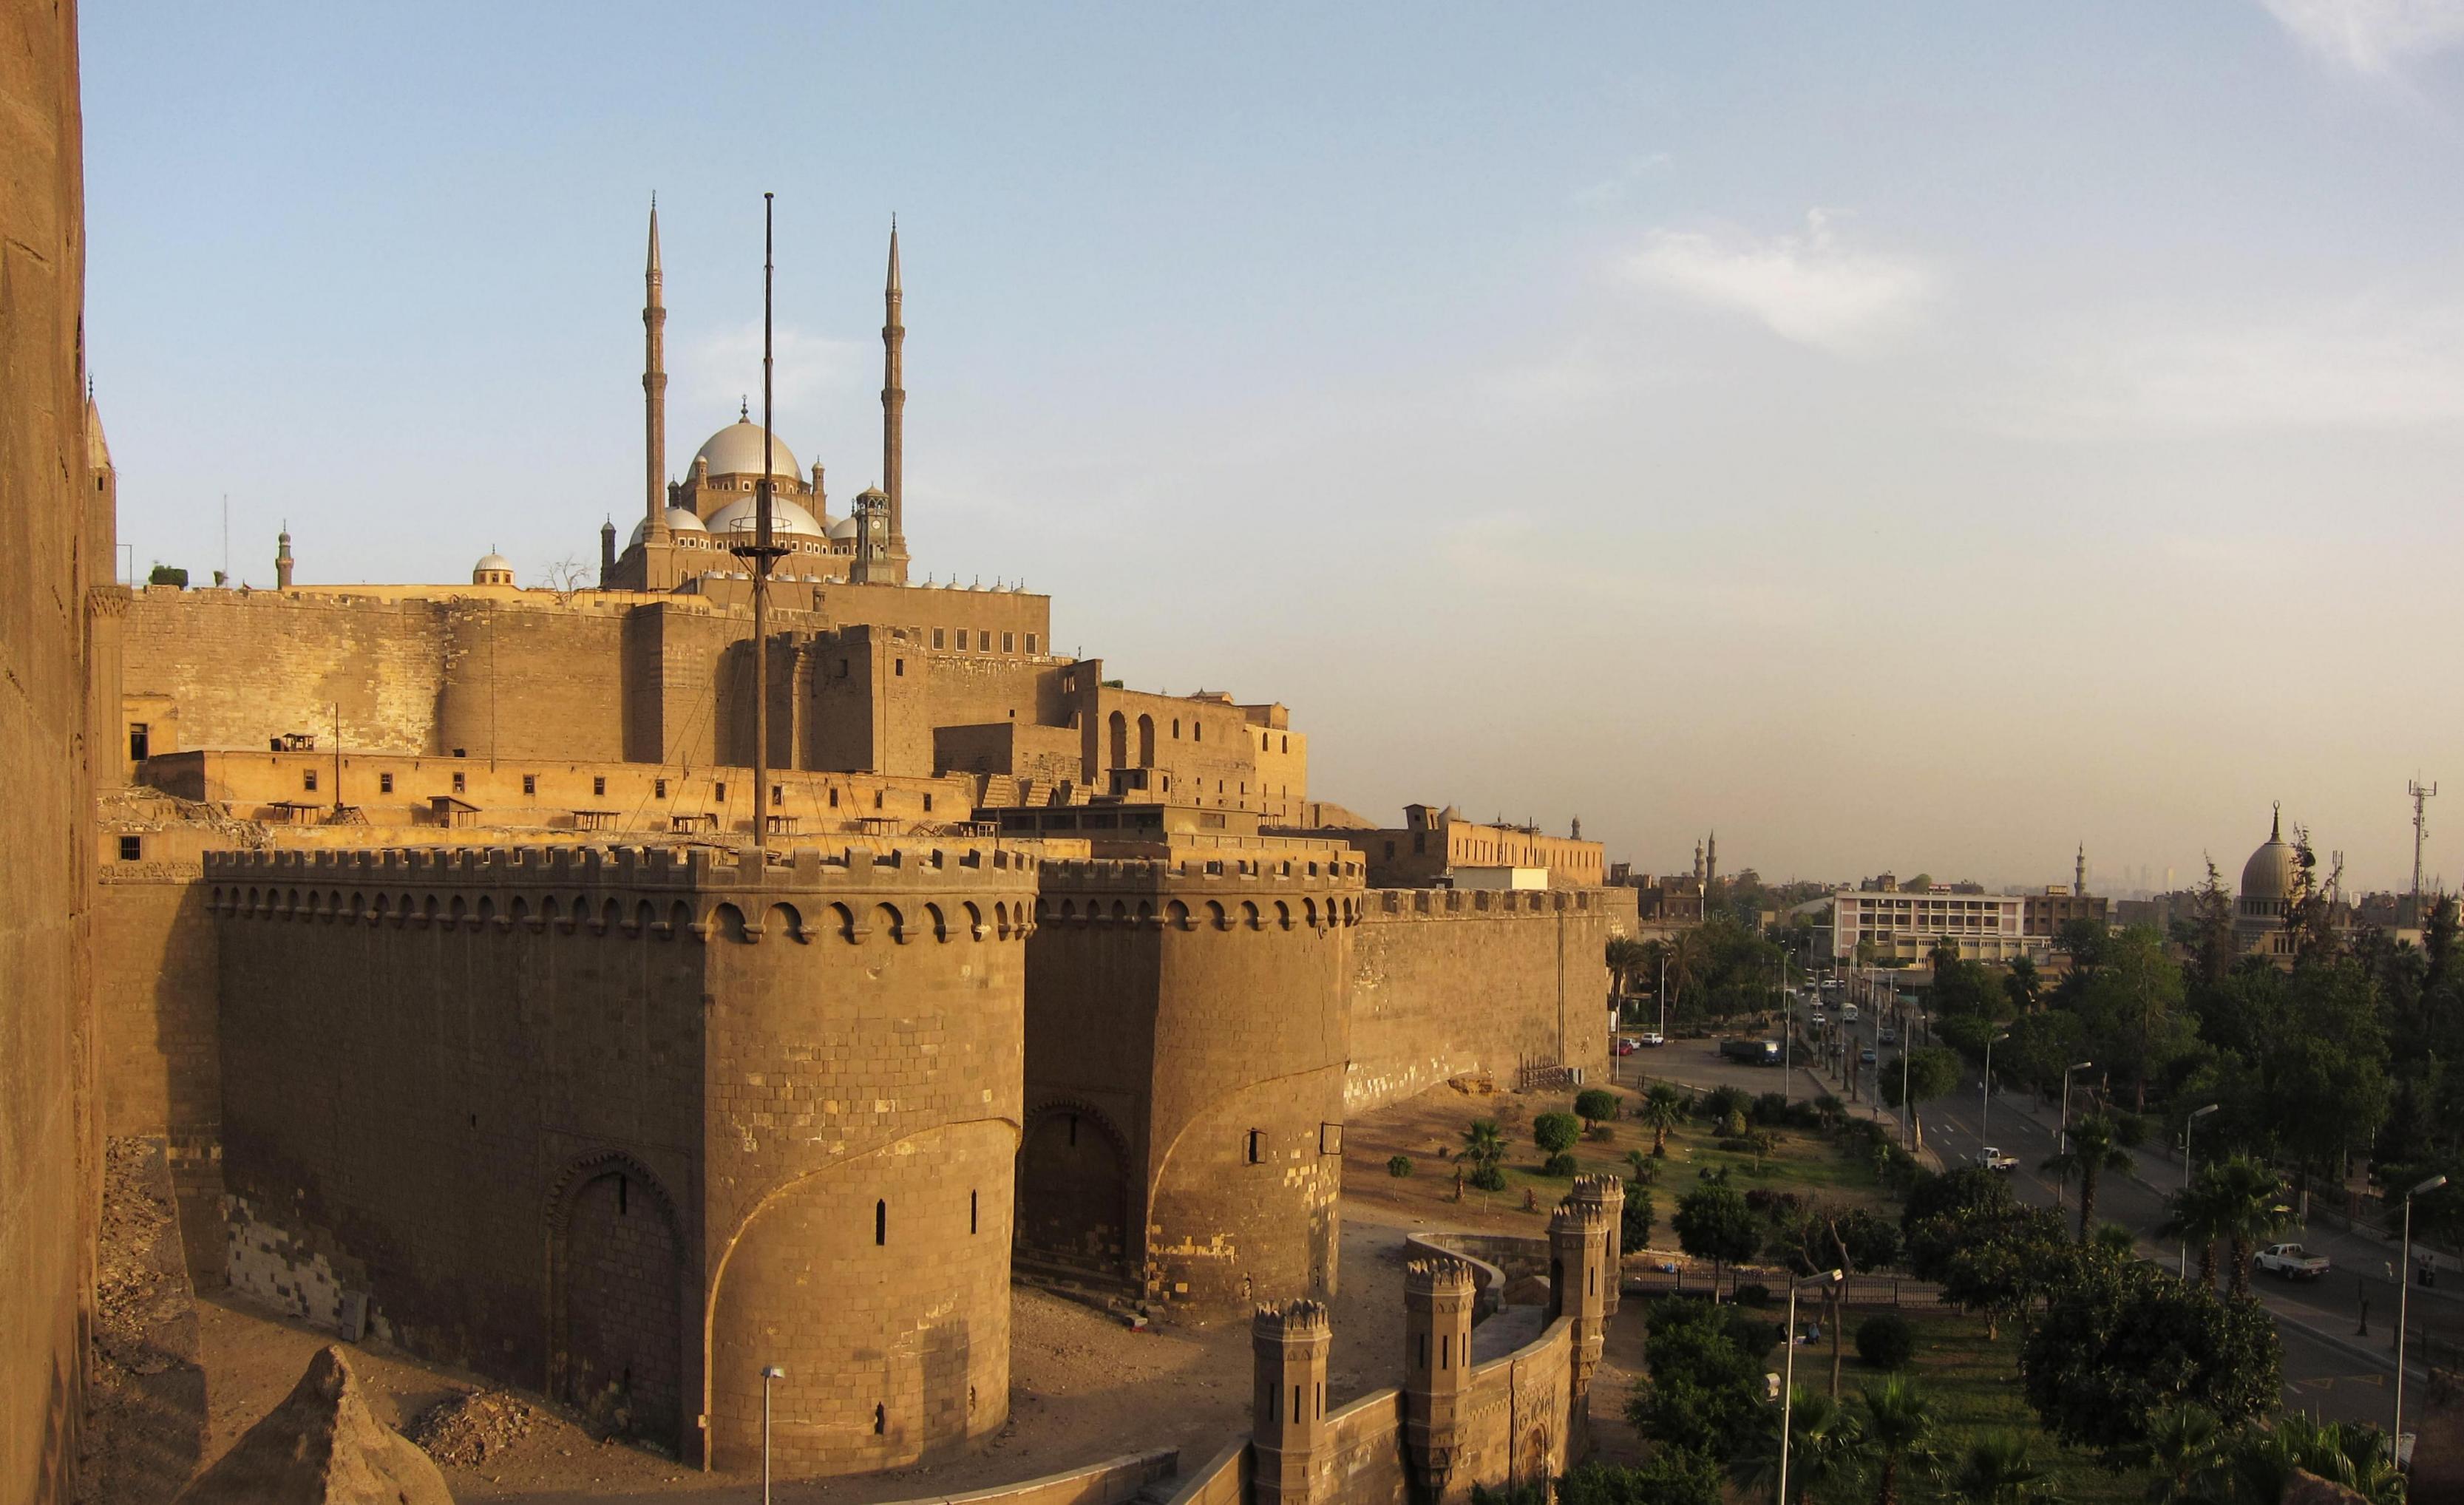 بالصور السياحة في مصر , شاهد بالصور اروع المعالم السياحة فى مصر 444 2